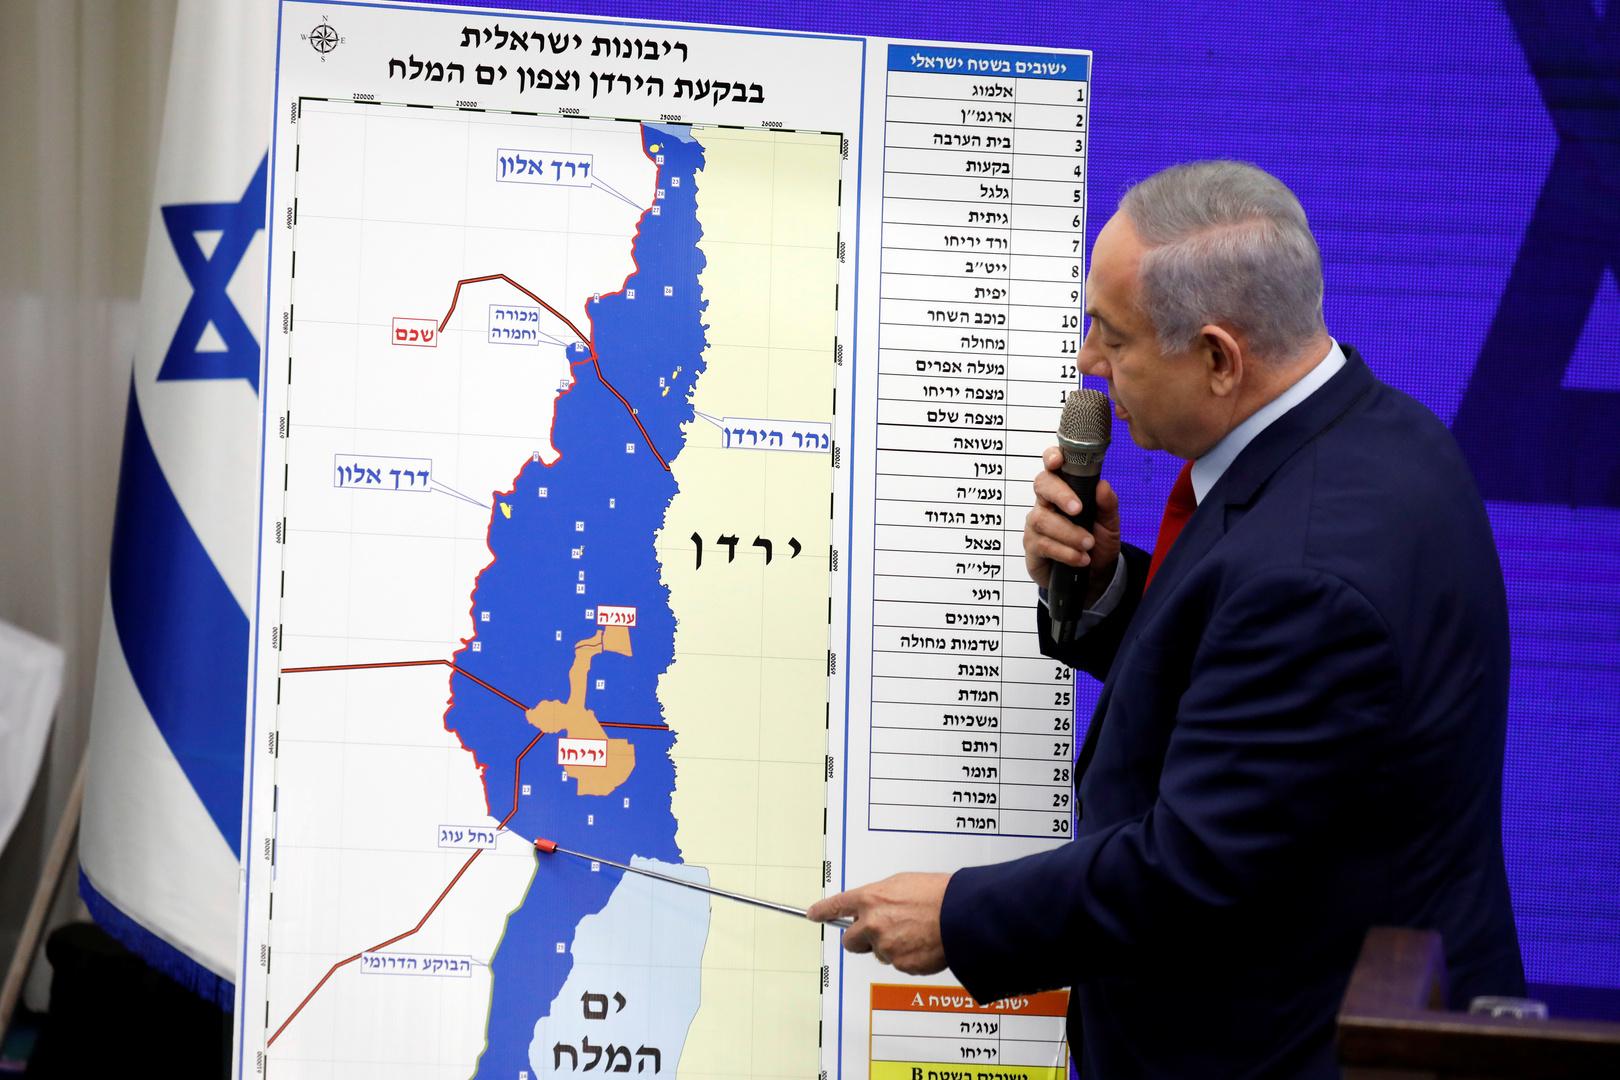 مستوطنو وادي الحصين بالخليل يهددون الفلسطينيين بالقتل والترحيل